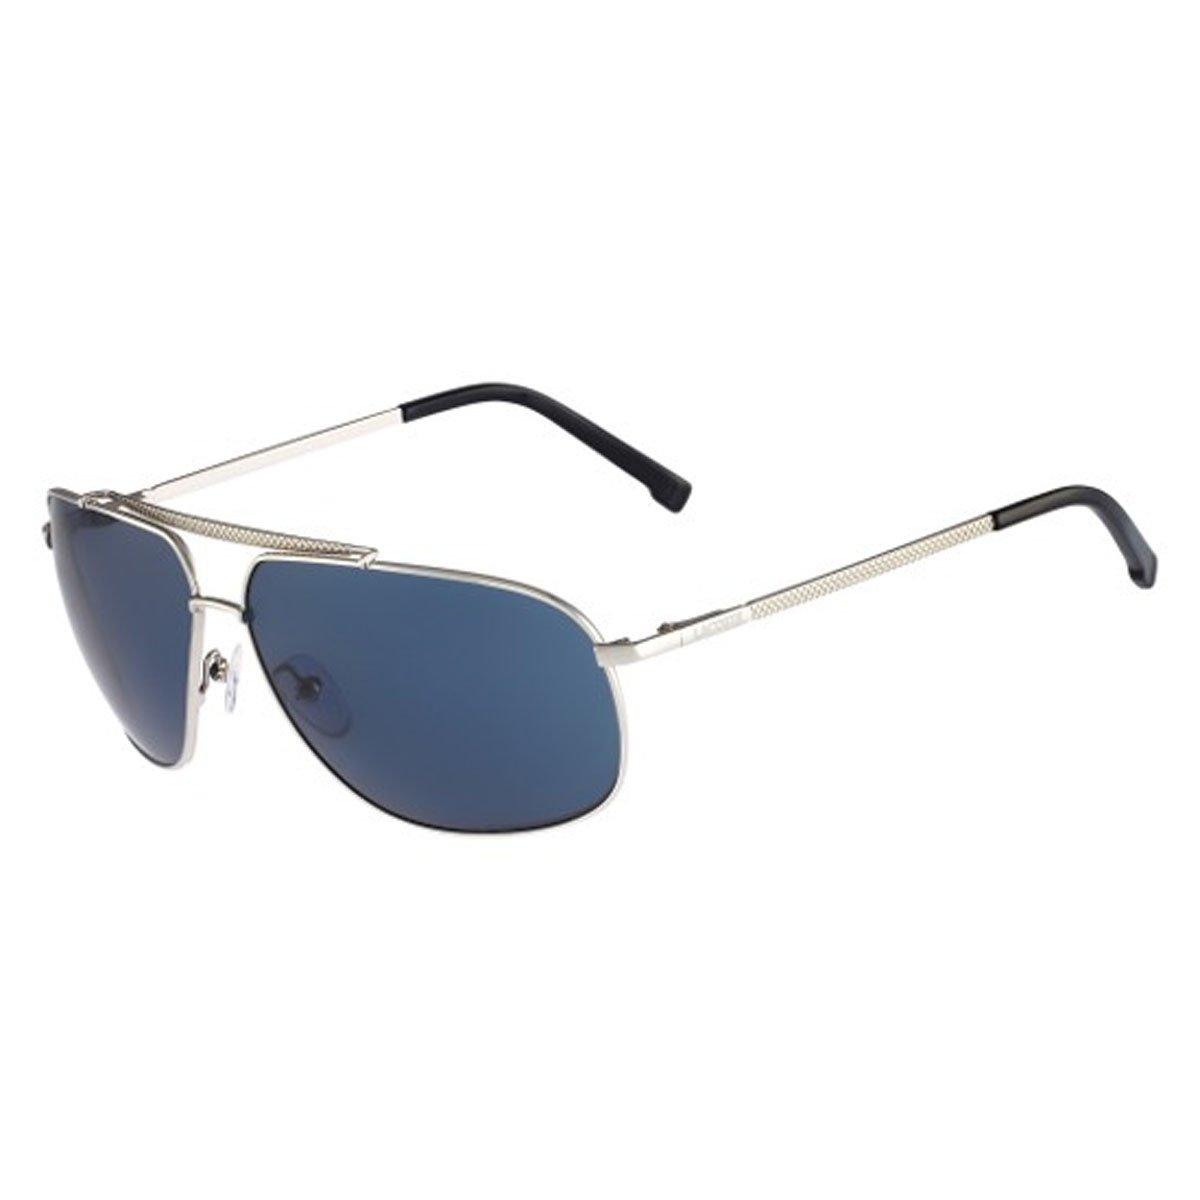 757a6a0e4ca Lacoste Sunglasses 154S 045 Silver Blue  Amazon.ca  Luggage   Bags